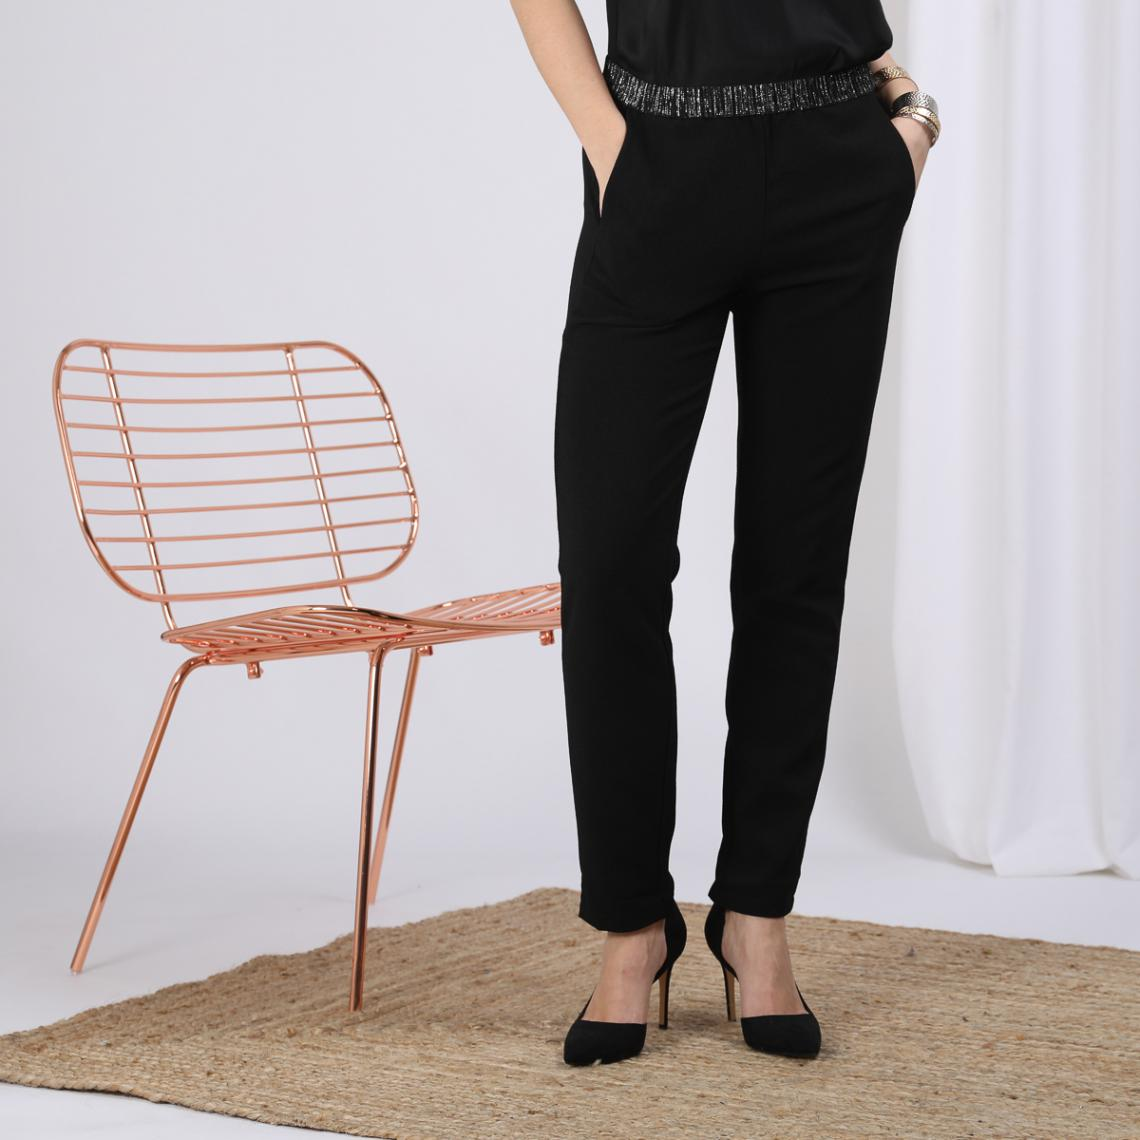 Pantalon fluide noir élastique argent Charly - Pantalon Lary élastique lurex NOIR  44 - Modalova